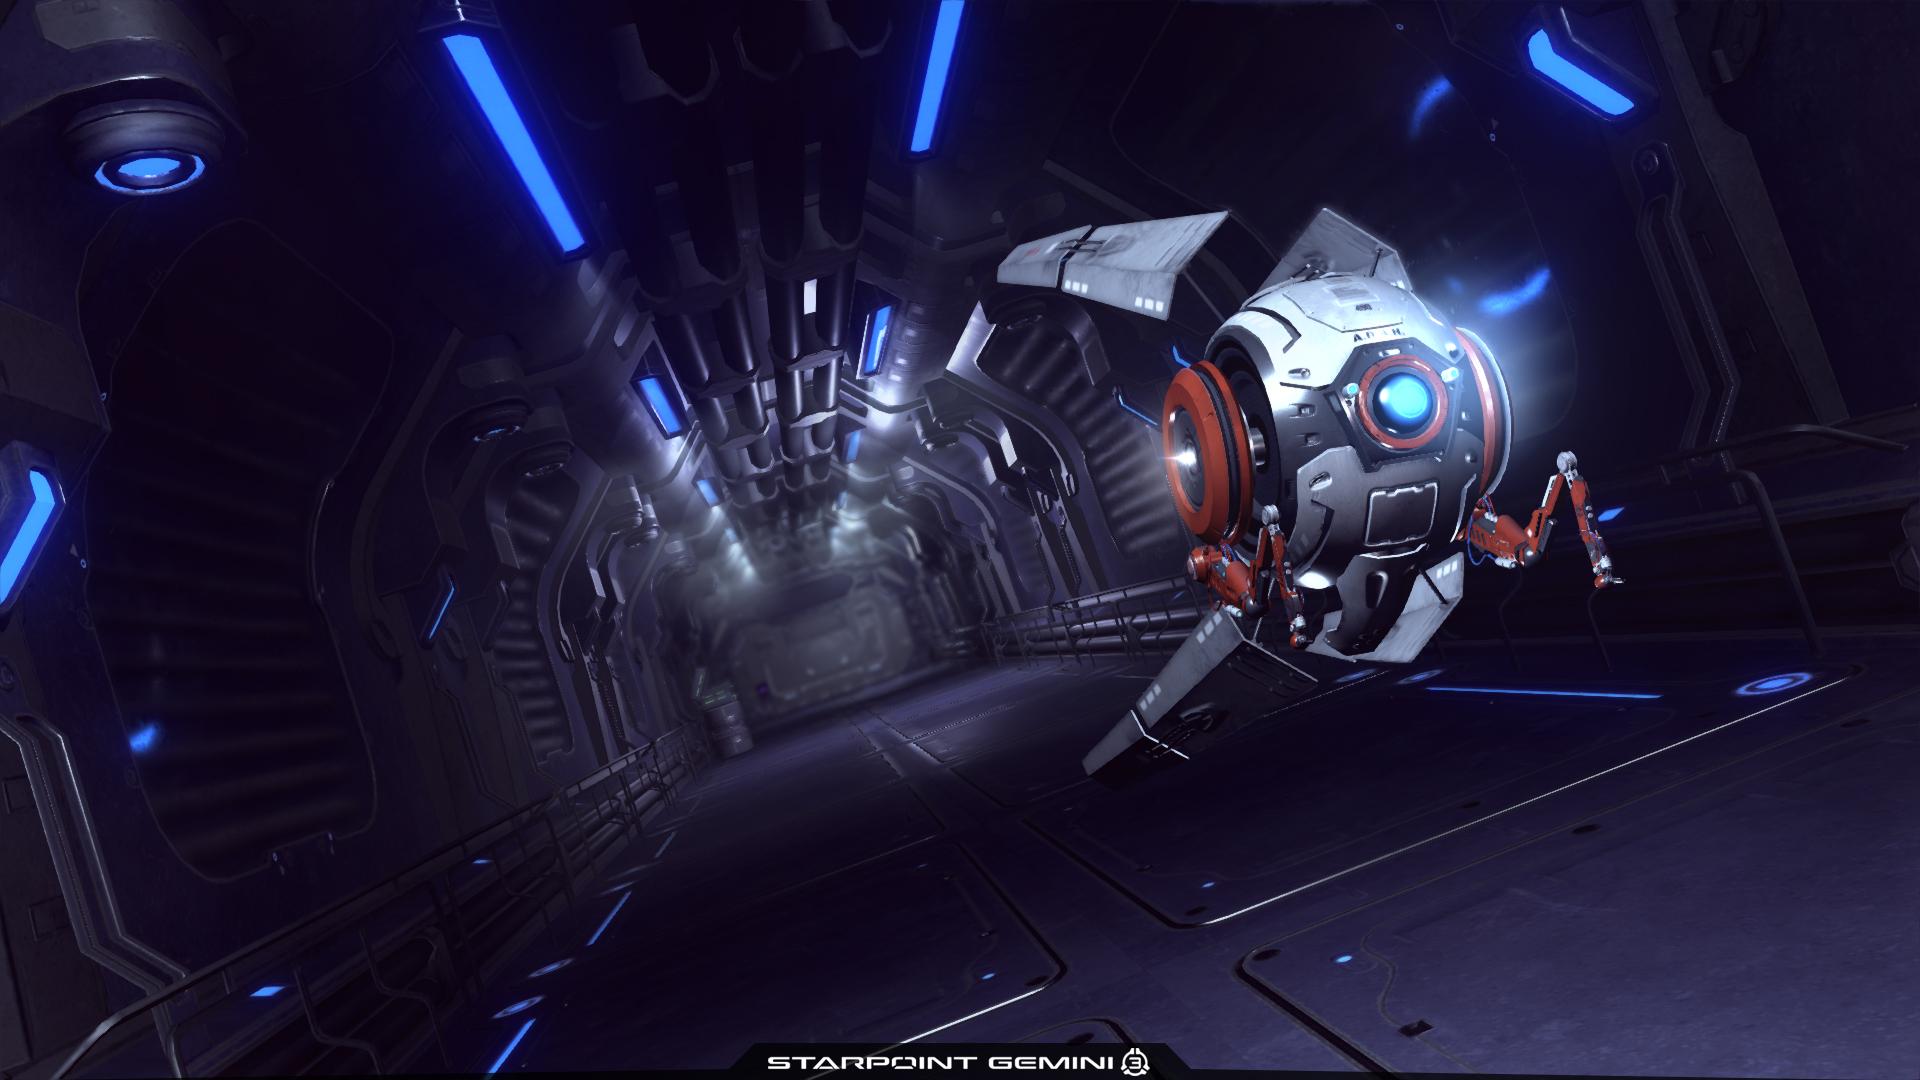 StarpointGemini3 04 2